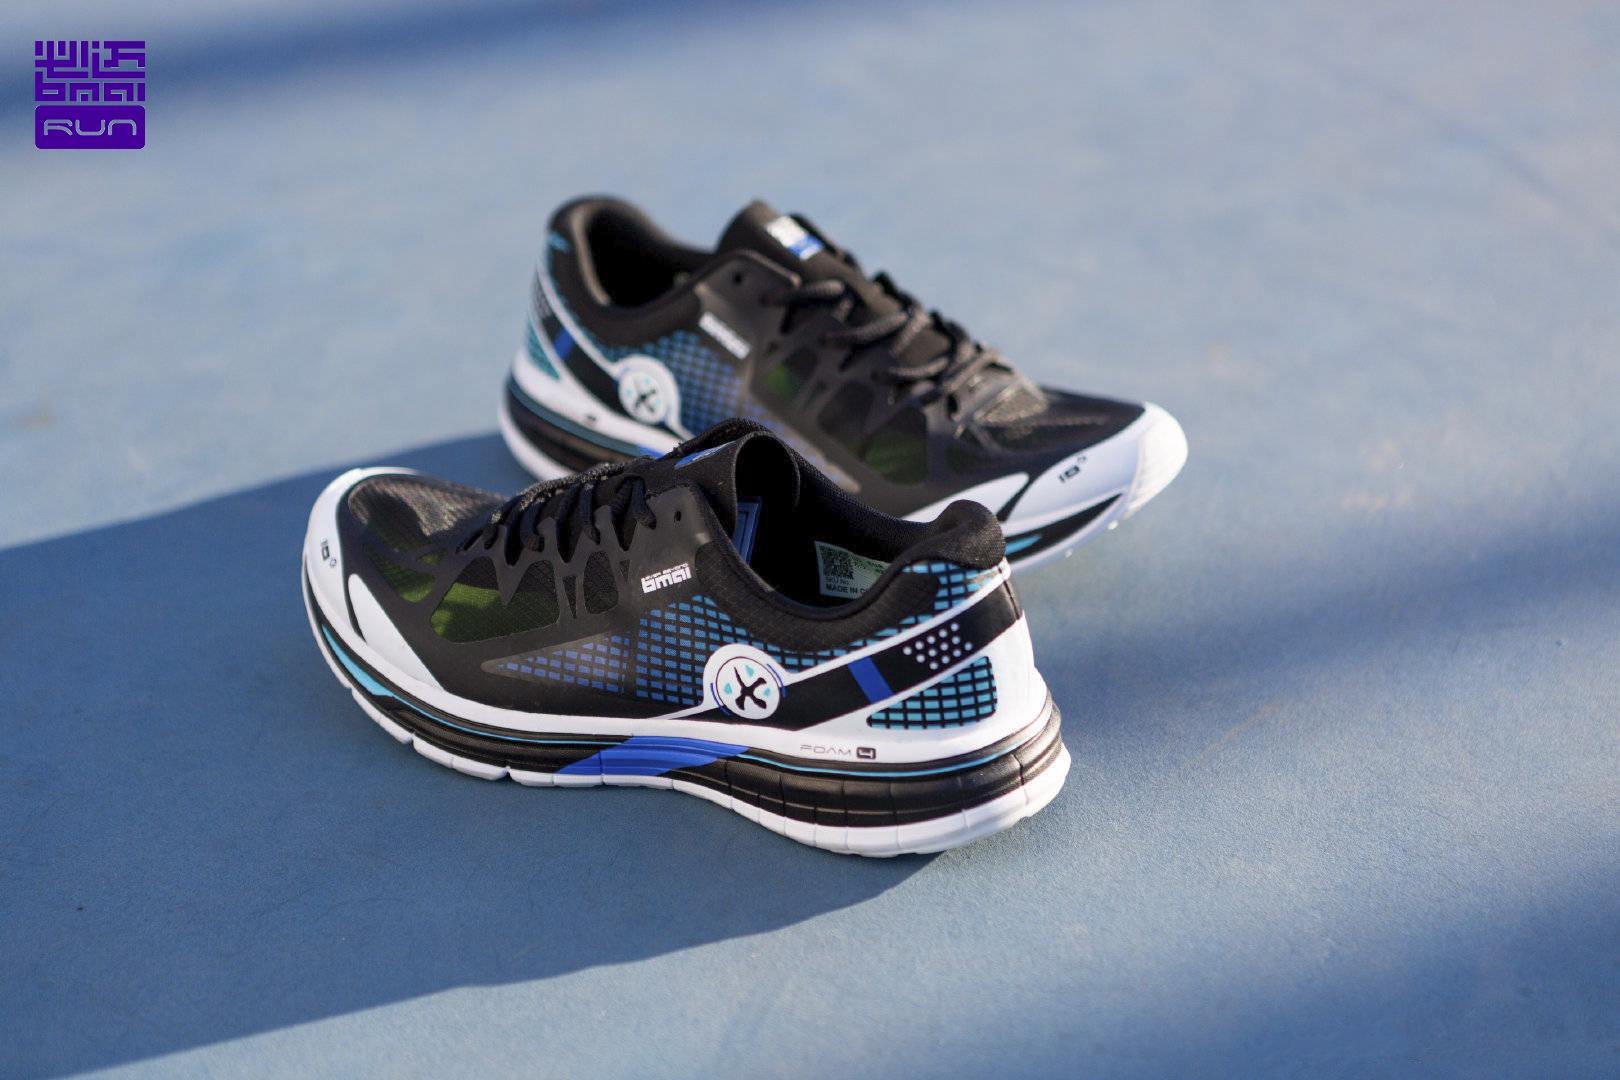 Giày chạy bộ được thiết kế phù hợp với mỗi loại chân